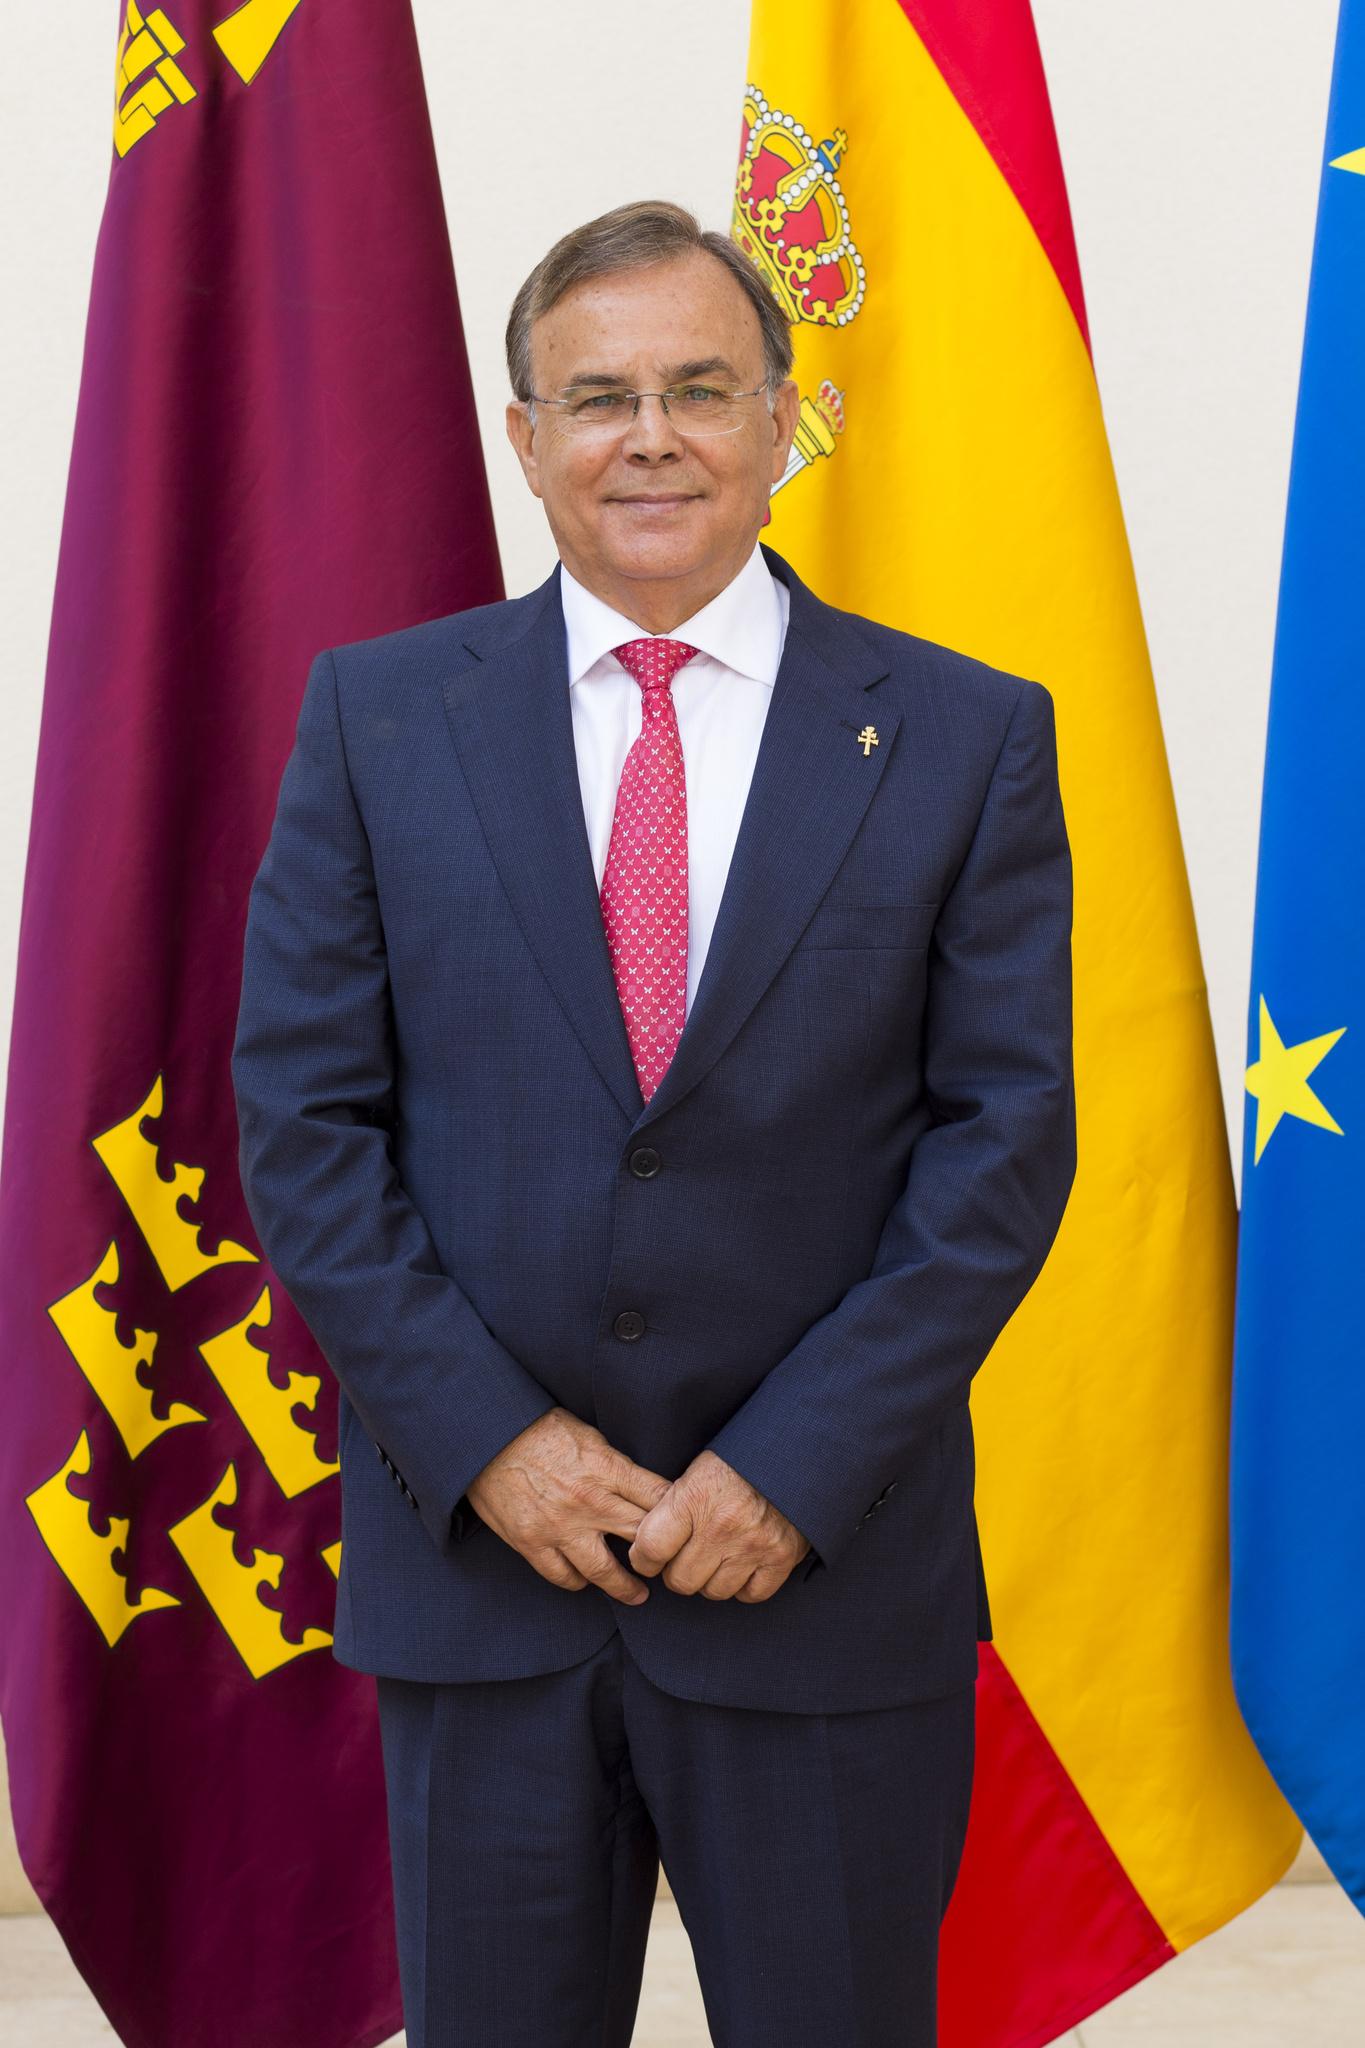 Patricio Valverde Espín